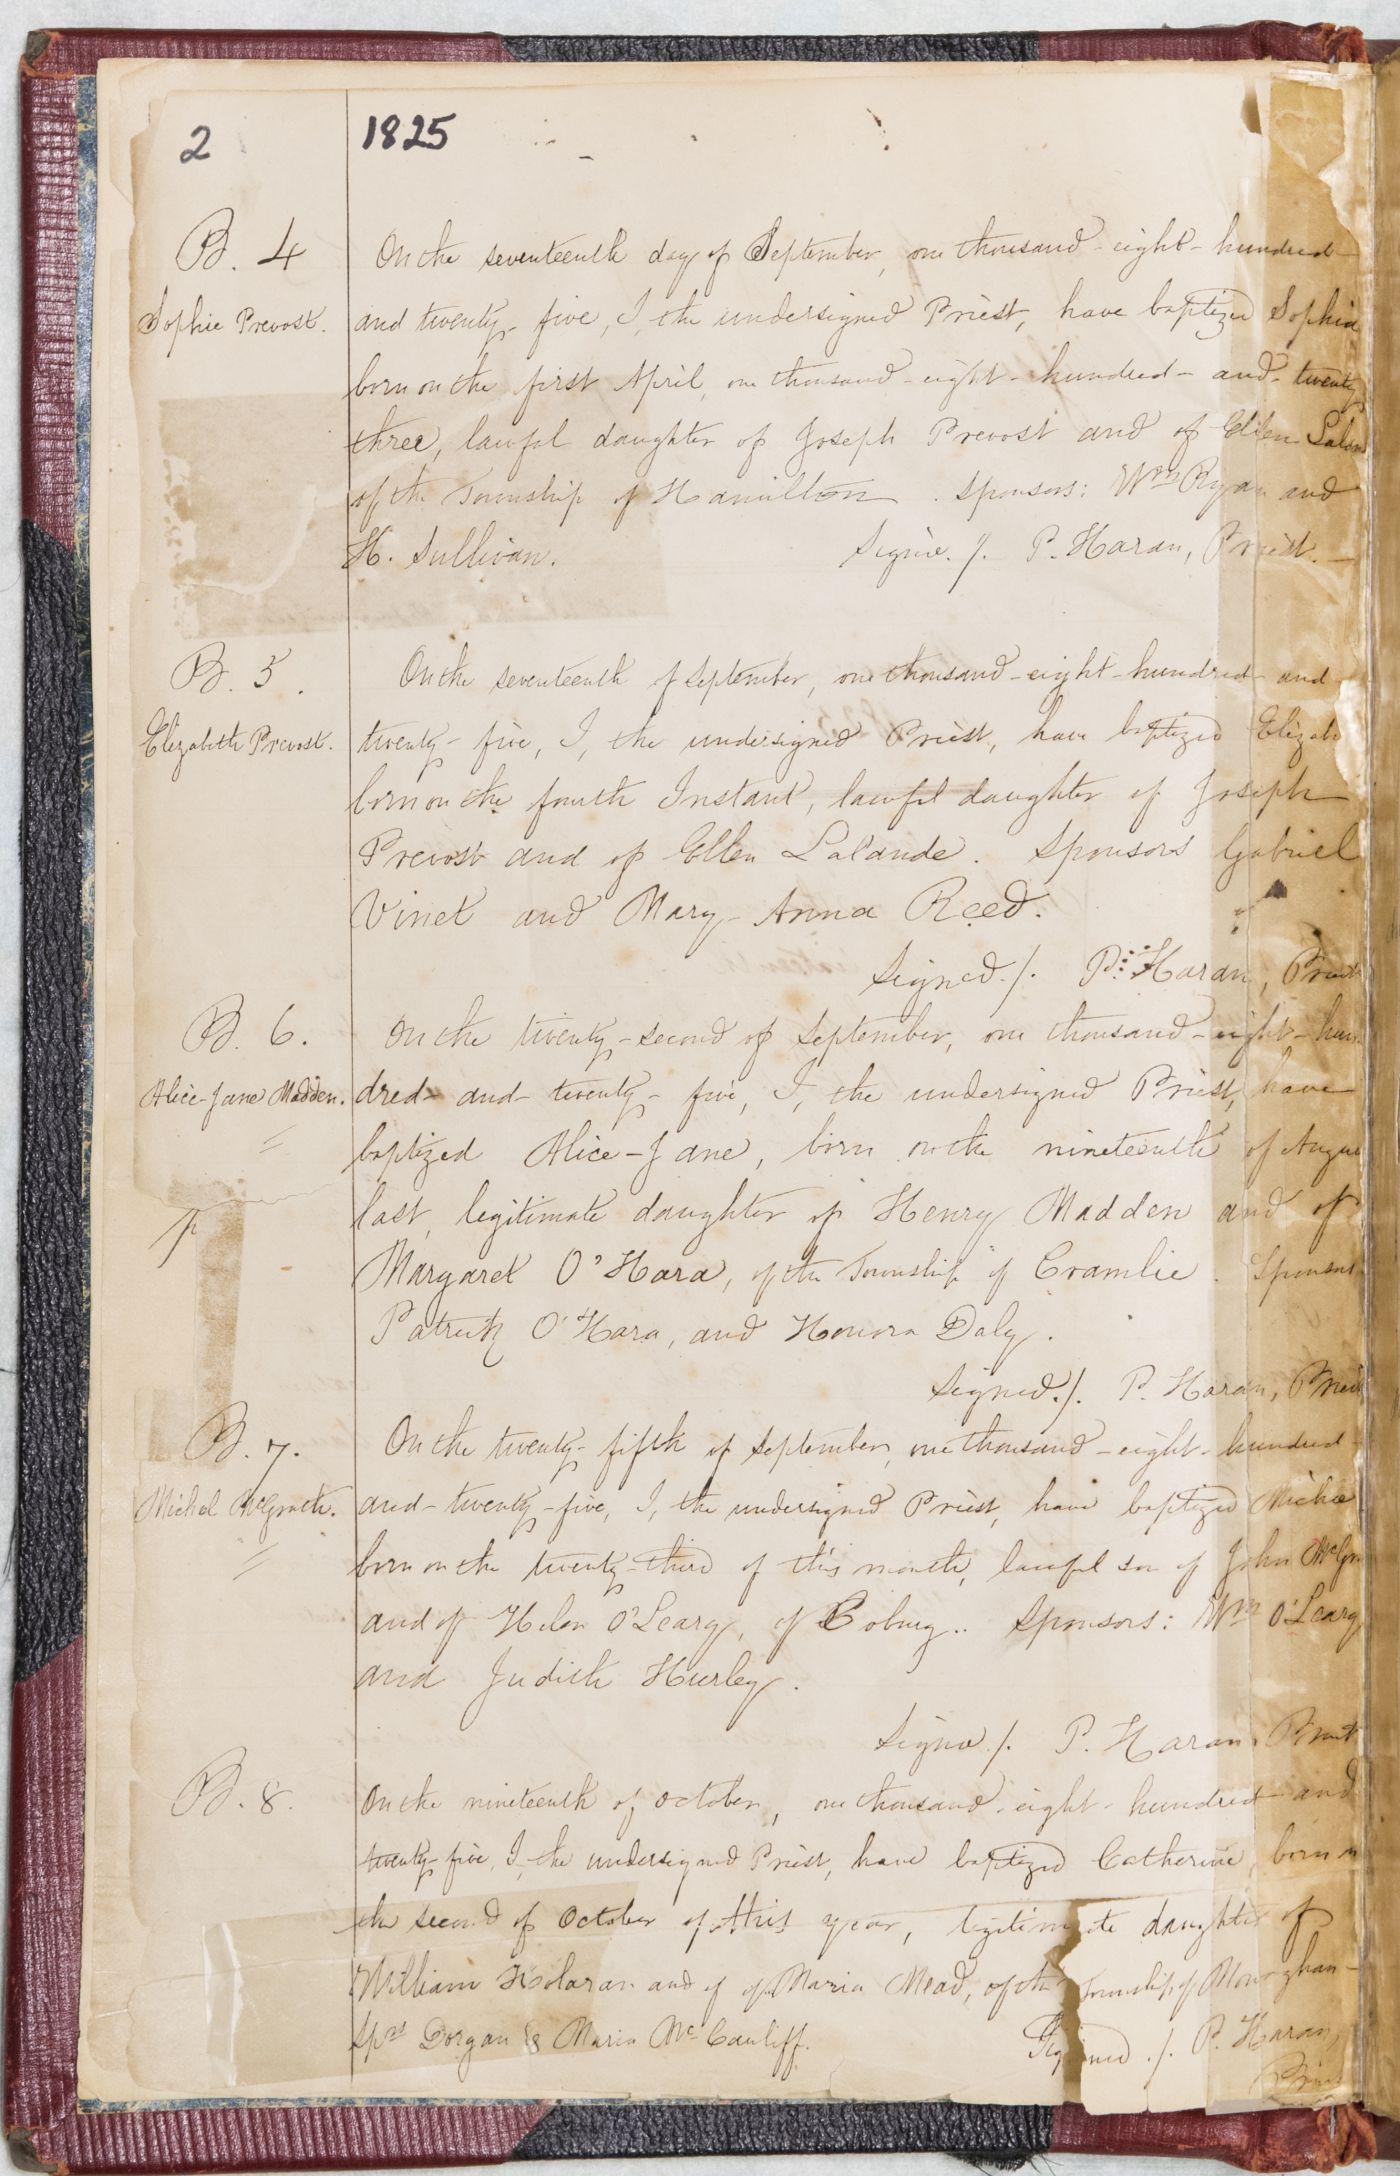 Photographie en couleur du registre, manuscrit en anglais détaillant des baptêmes.